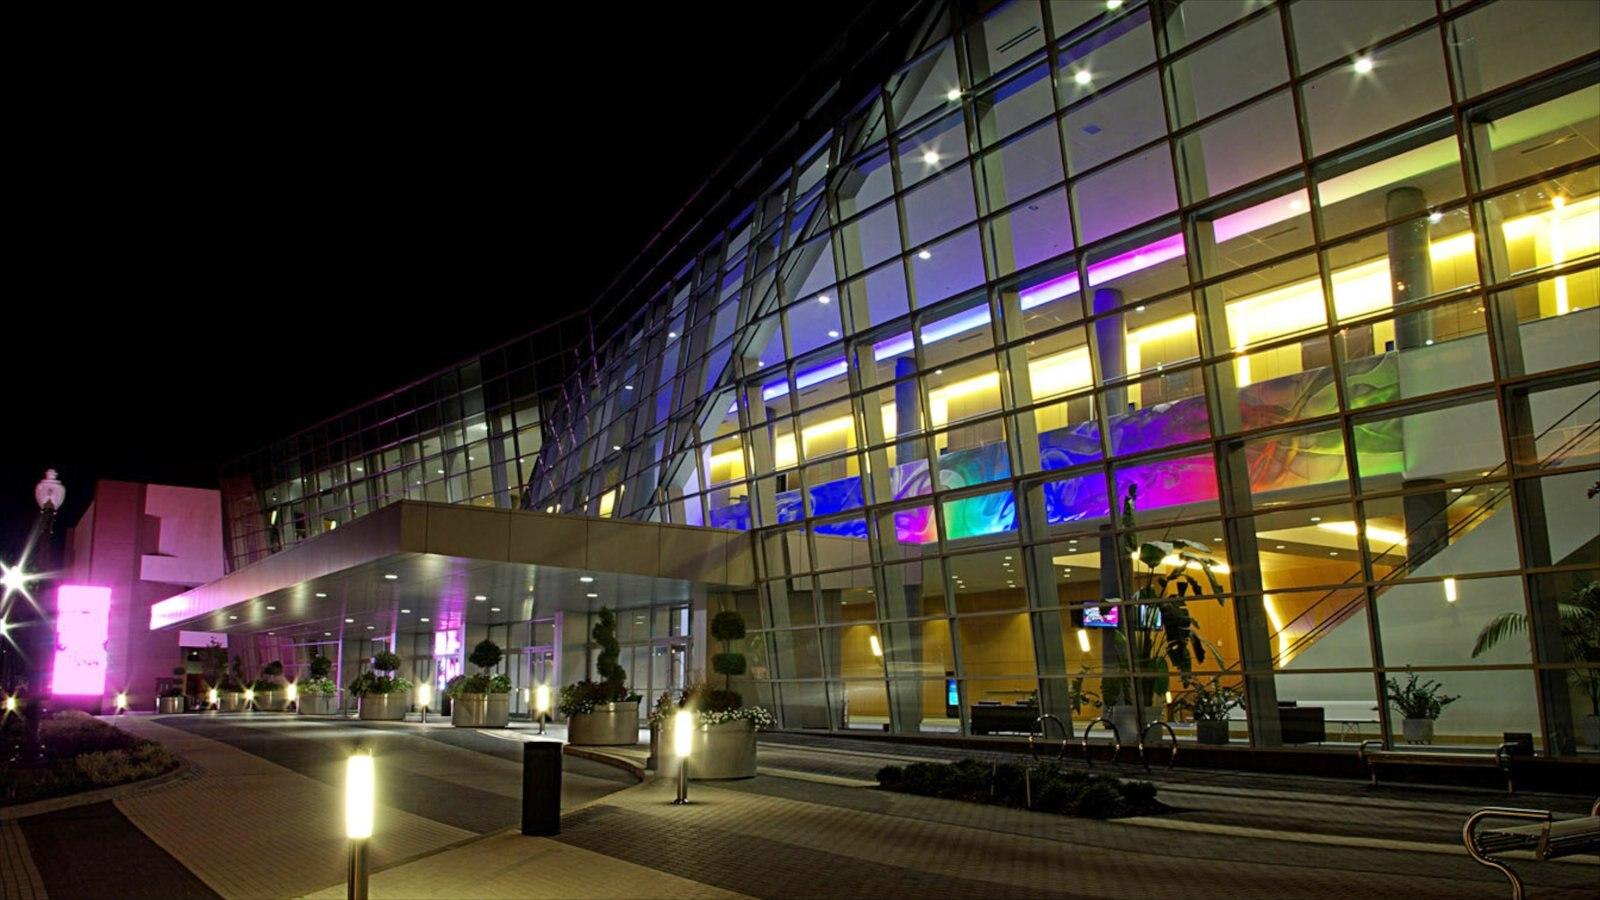 Jackson caracterizando cenas de rua, cenas noturnas e arquitetura moderna